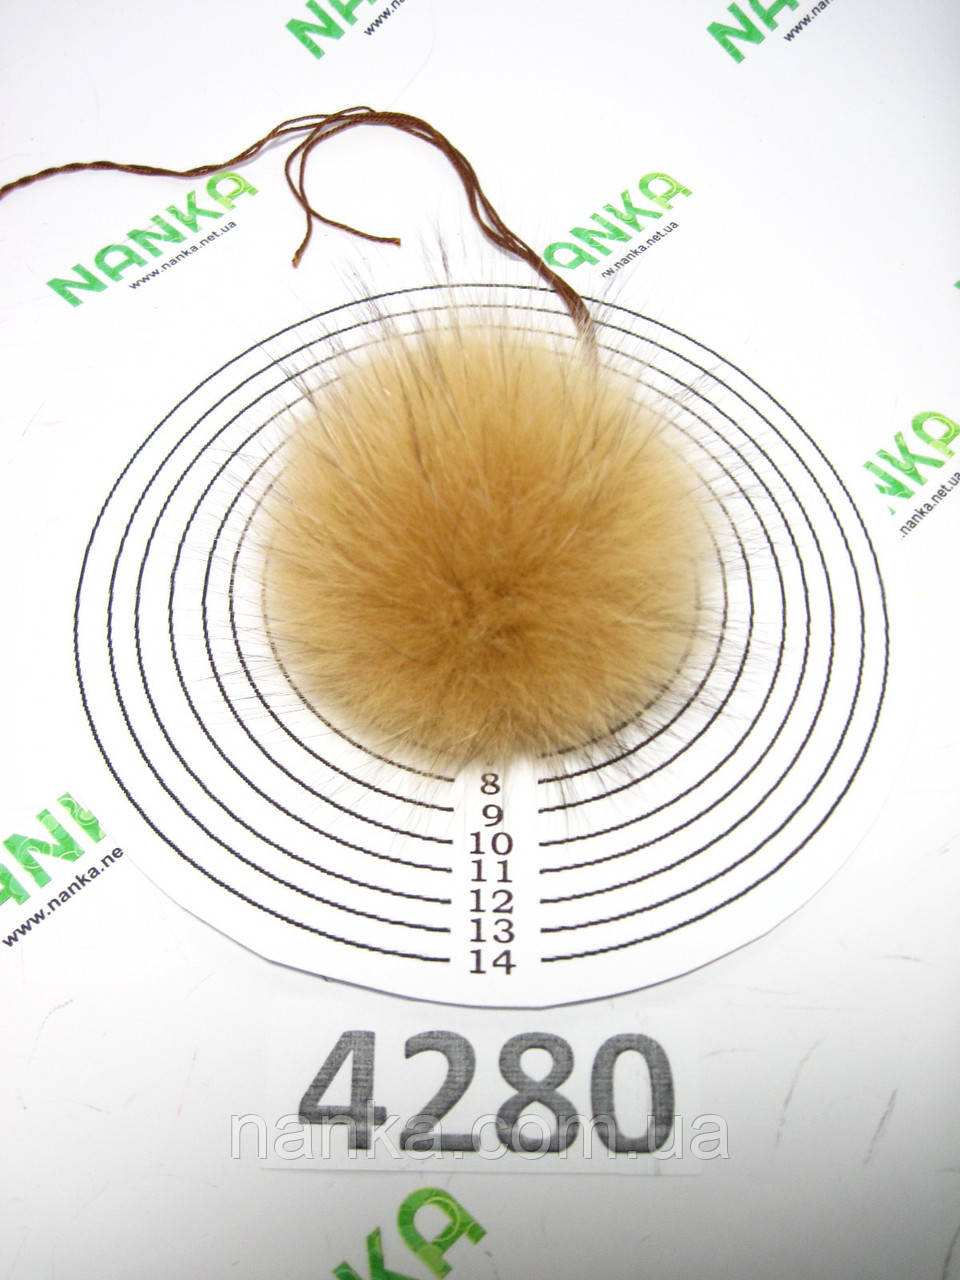 Меховой помпон Песец, Карамелька, 7 см, 4280